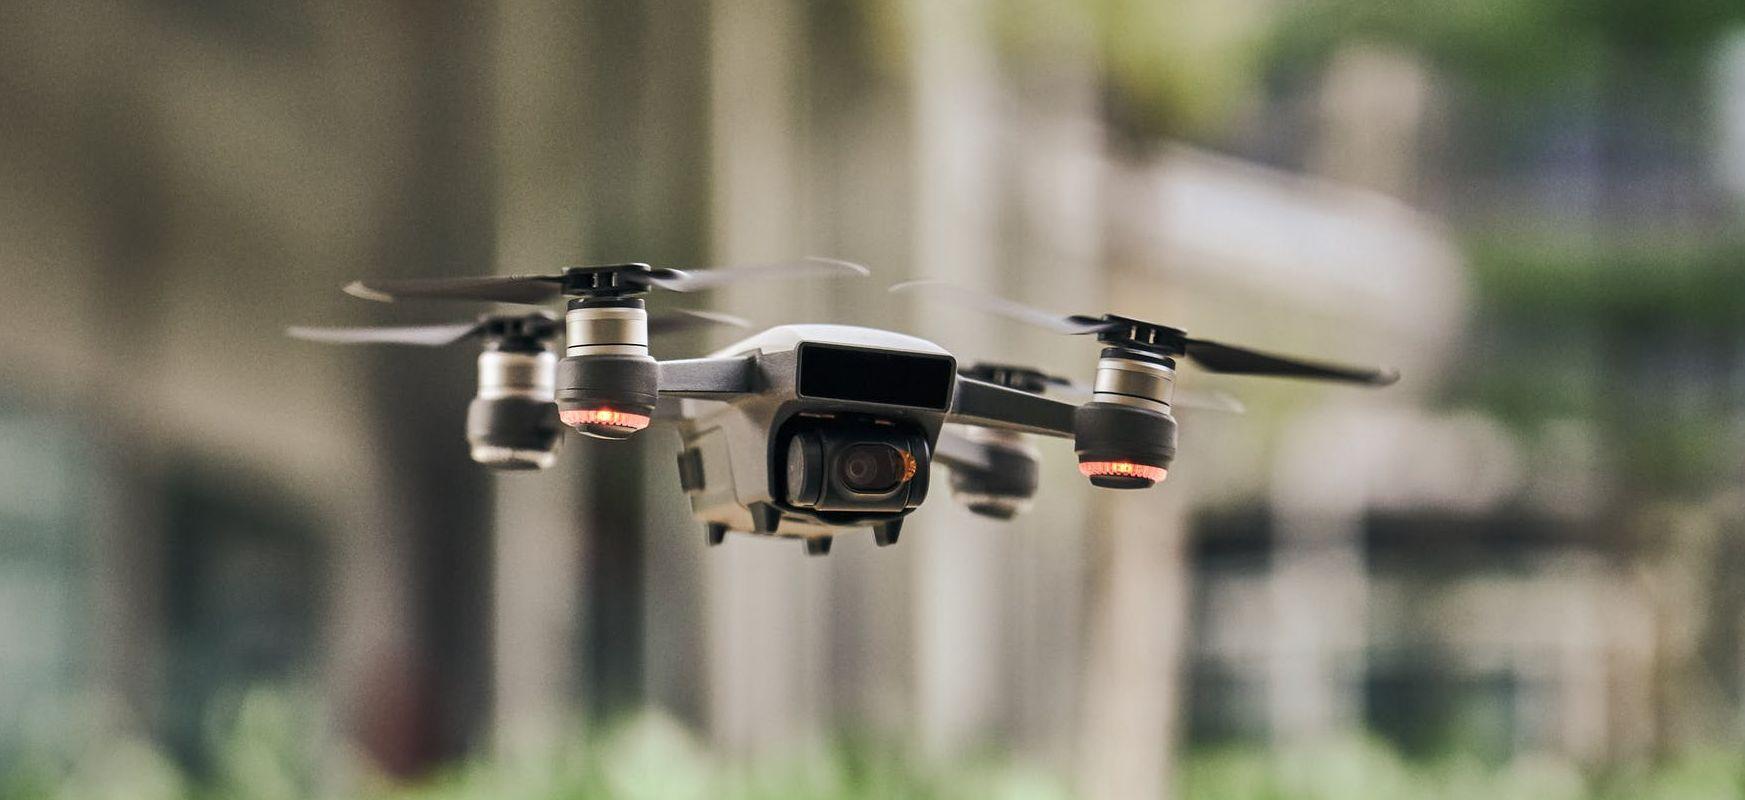 Dronek pandemiaren aurka borrokatzeko - kontrolatu, gidatu eta lotsa kontrolatzen dute